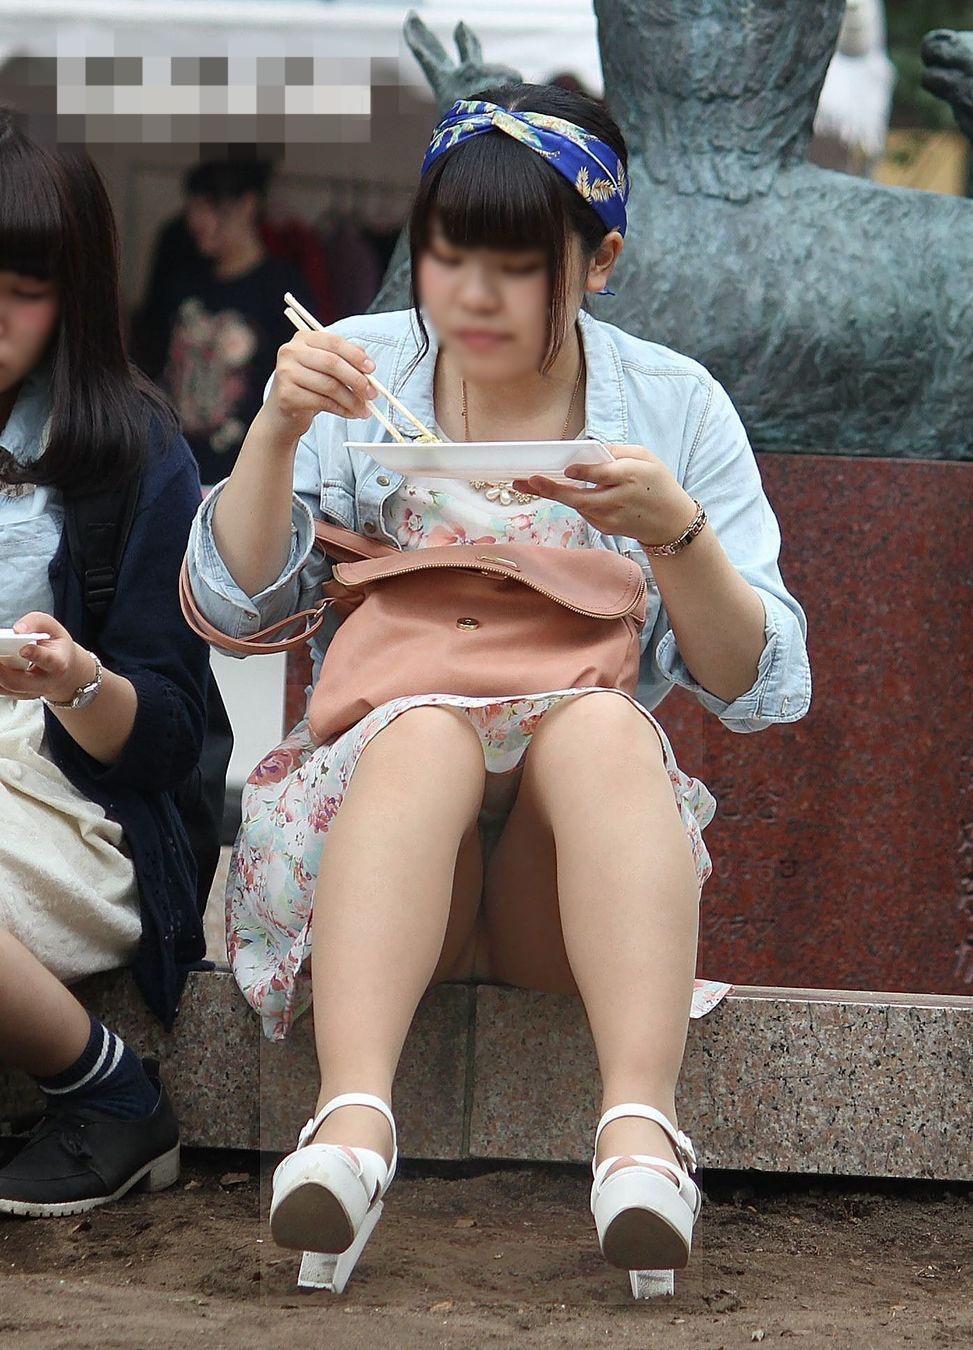 公園でのパンチラ率高すぎーwww可愛いお姉さんのパンツ見放題!!! 2443